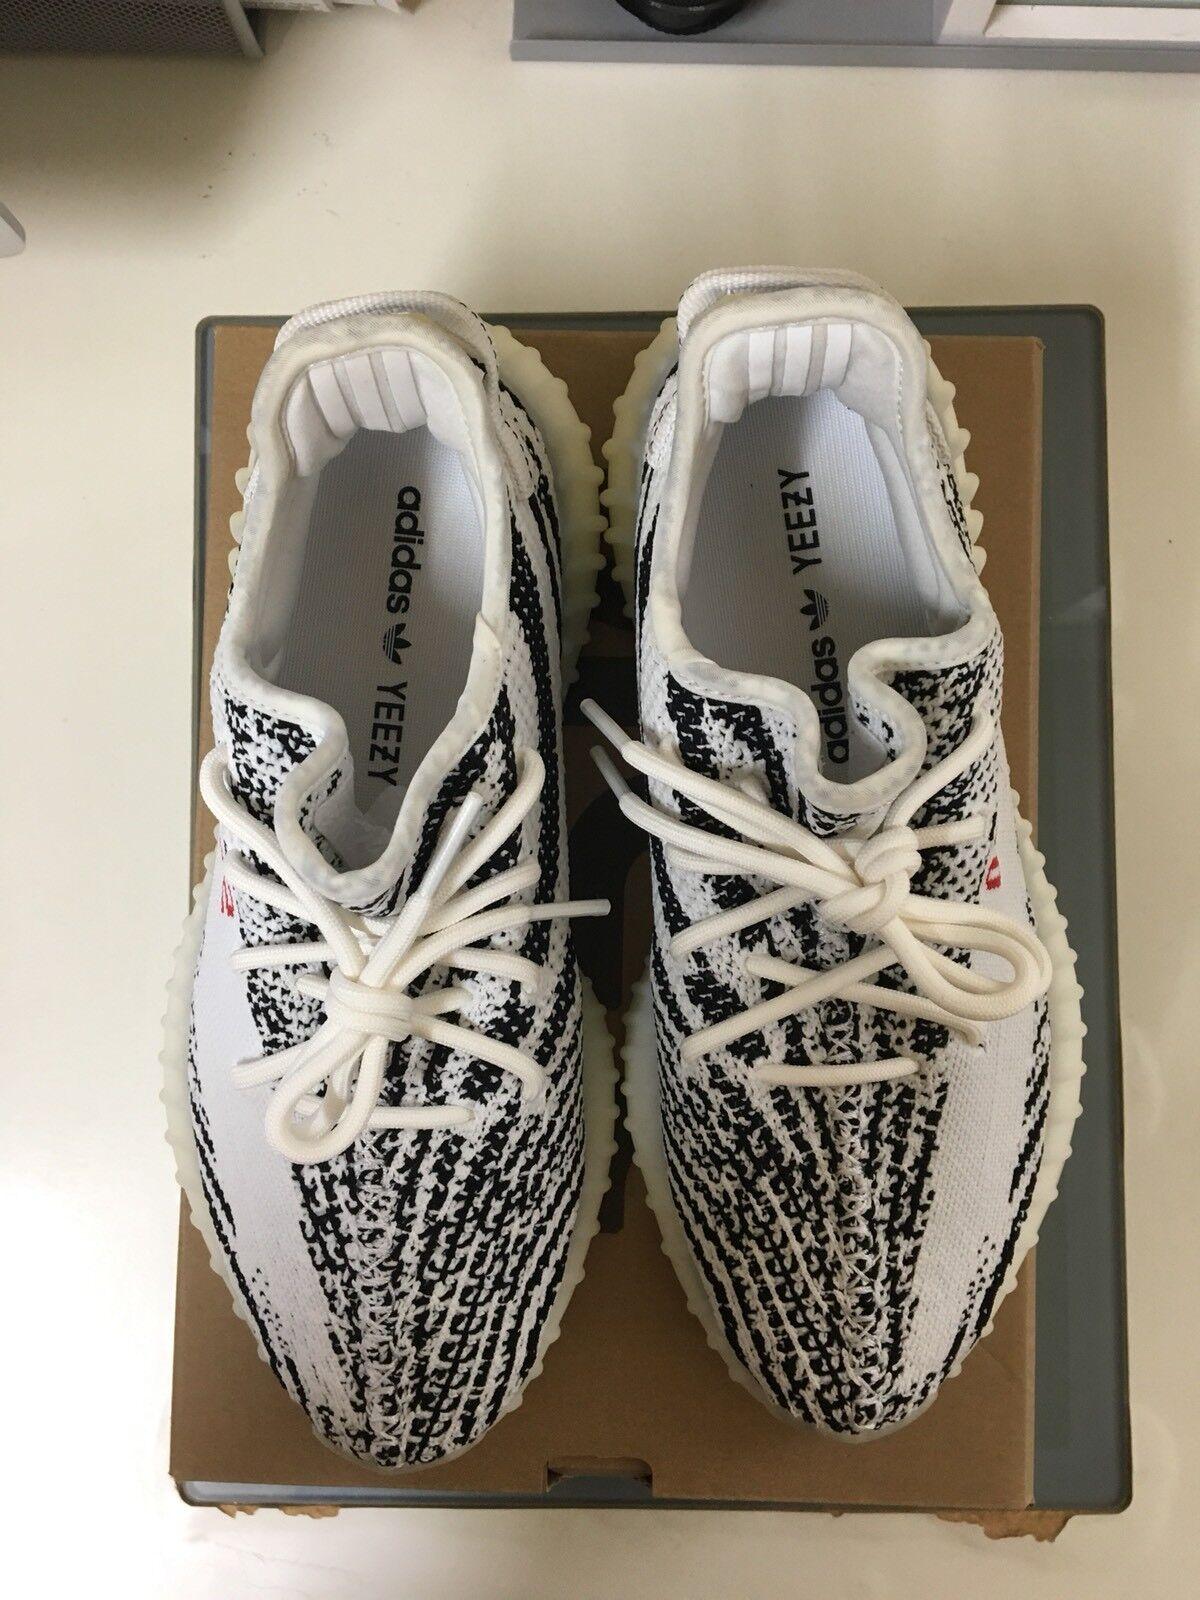 huge discount e18d4 d3127 ... Adidas yeezy impulso 350 v2 zebra 8,5 bianco grigio rosso misura 8,5